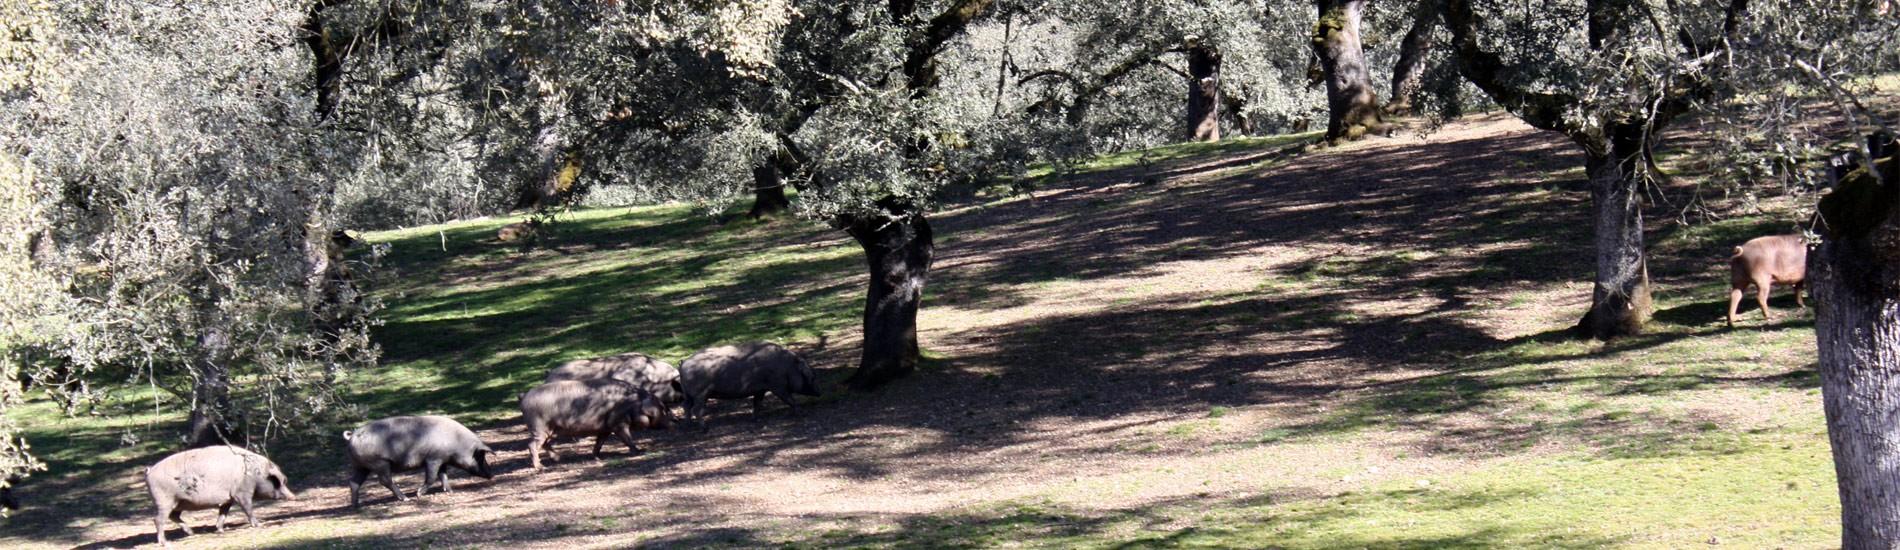 Dehesa, crianza y alimentación del cerdo ibérico